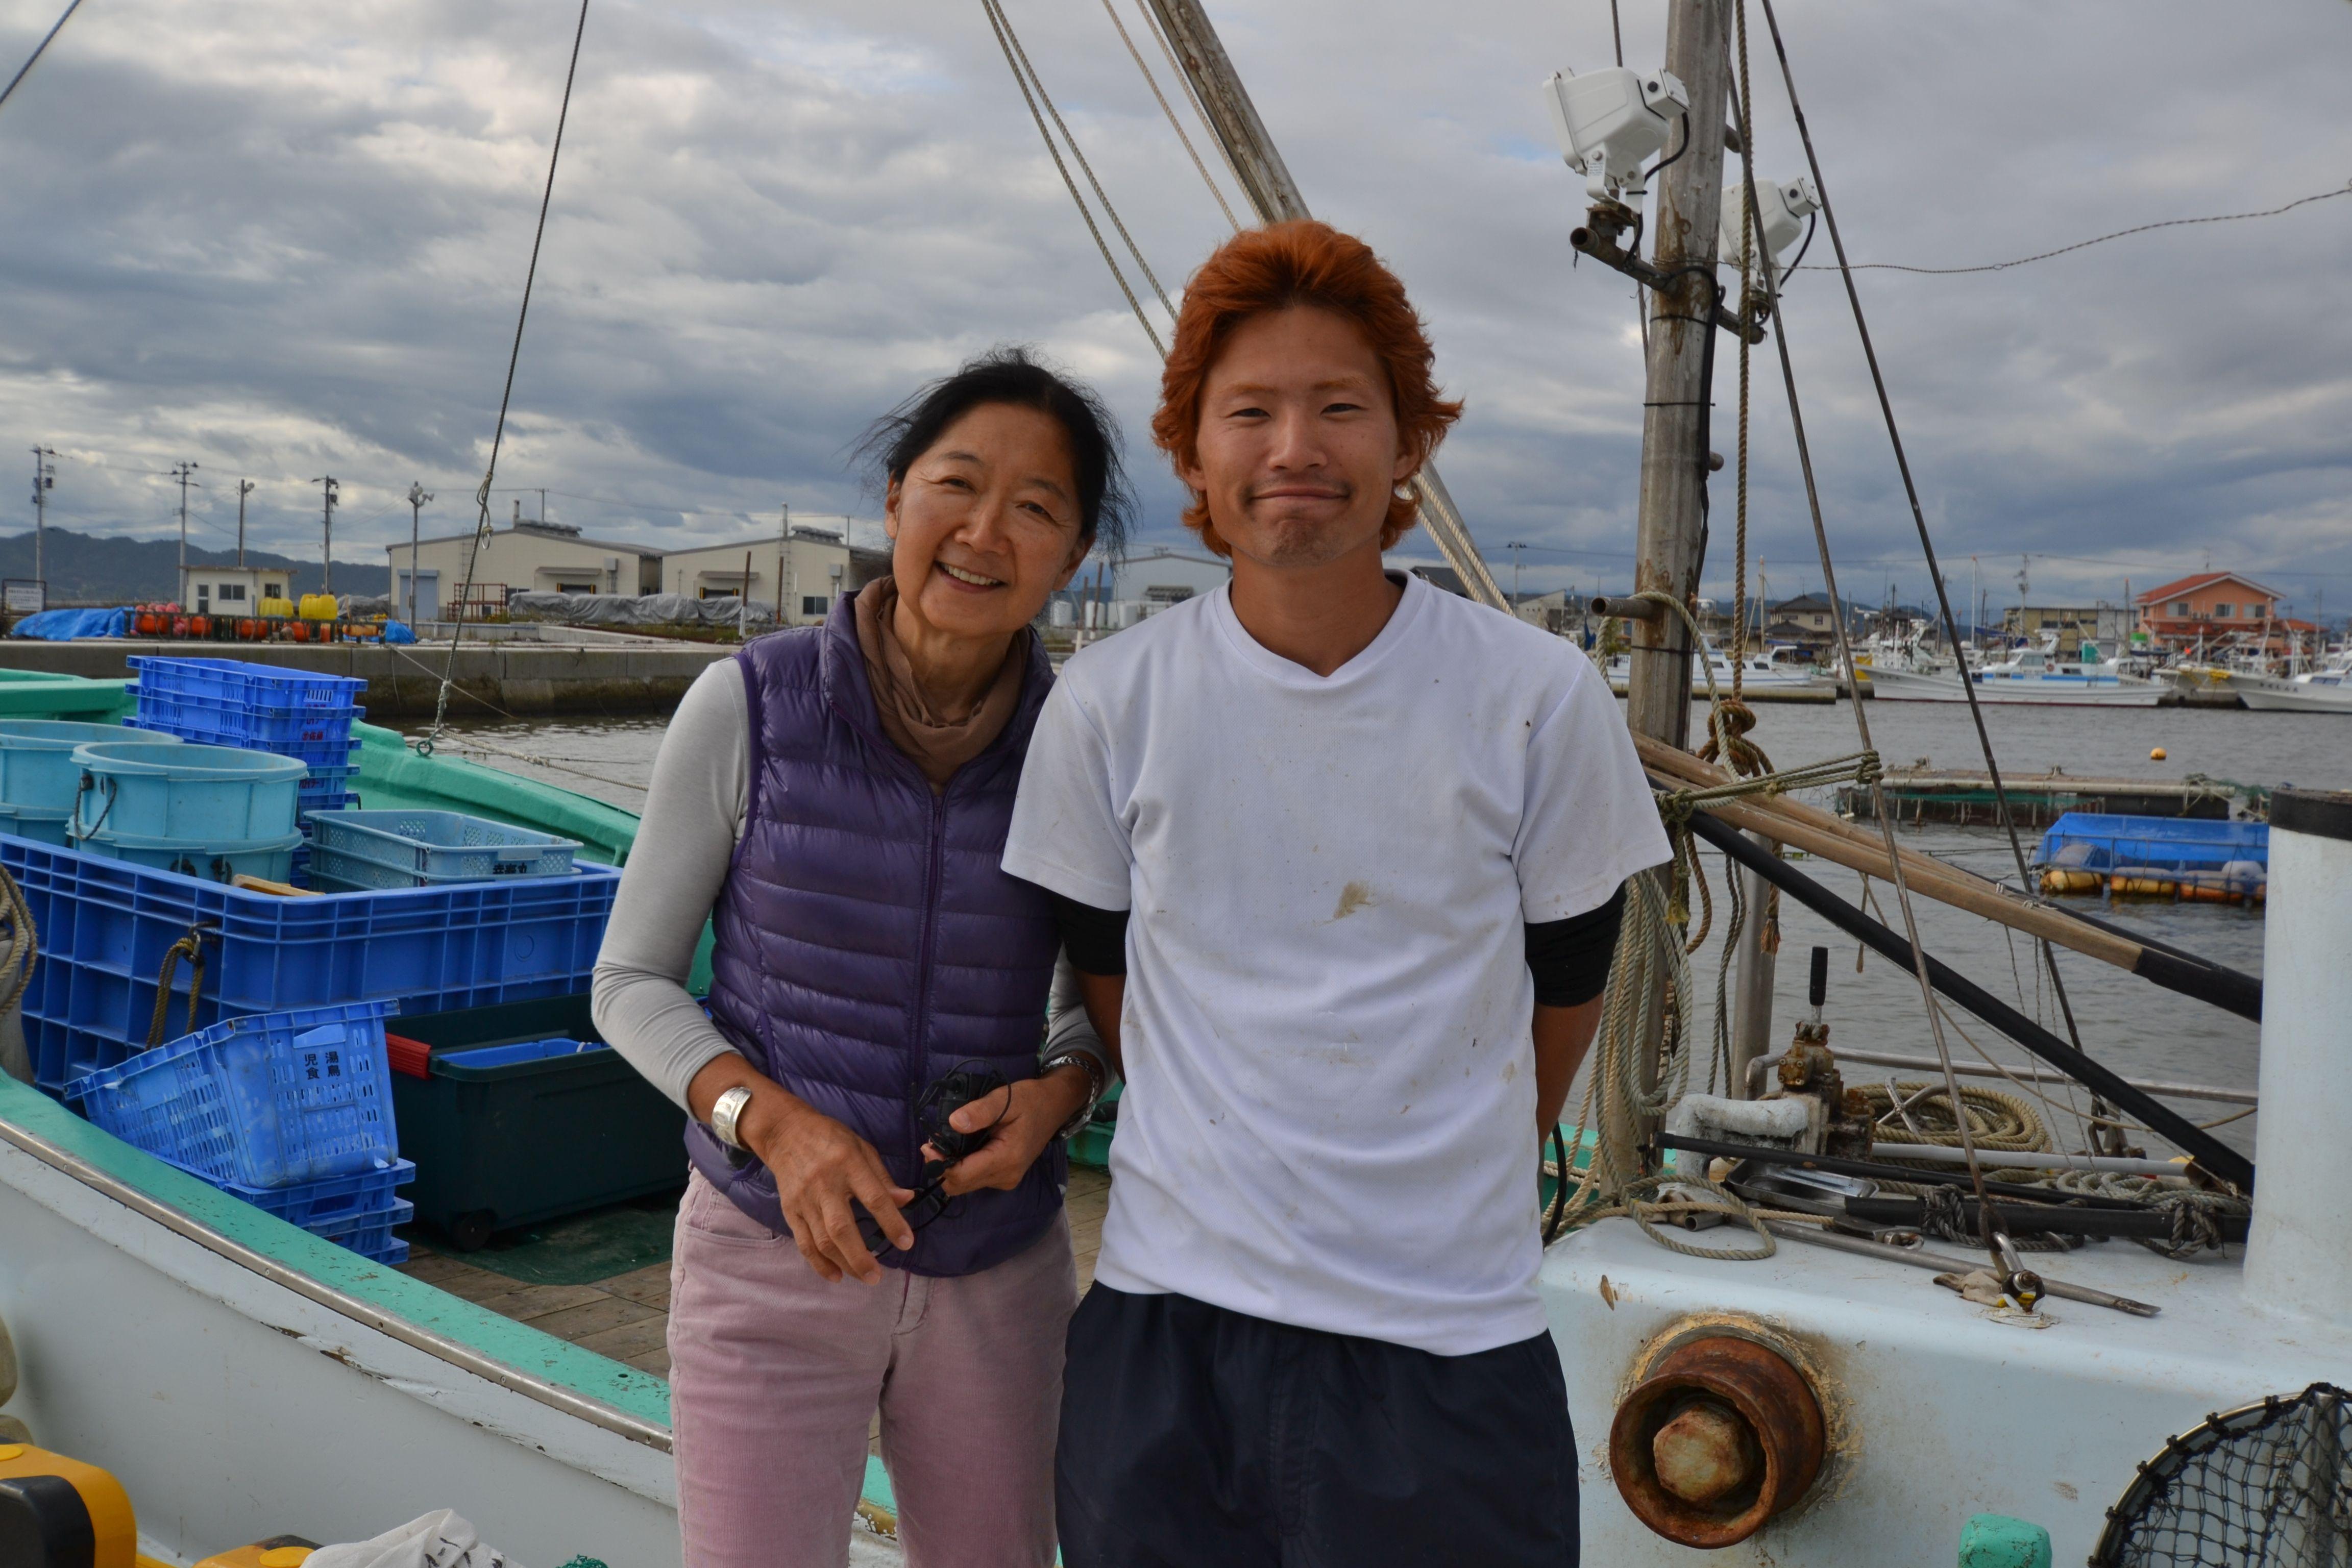 watari young mori fisherman, linda on boat.jpg